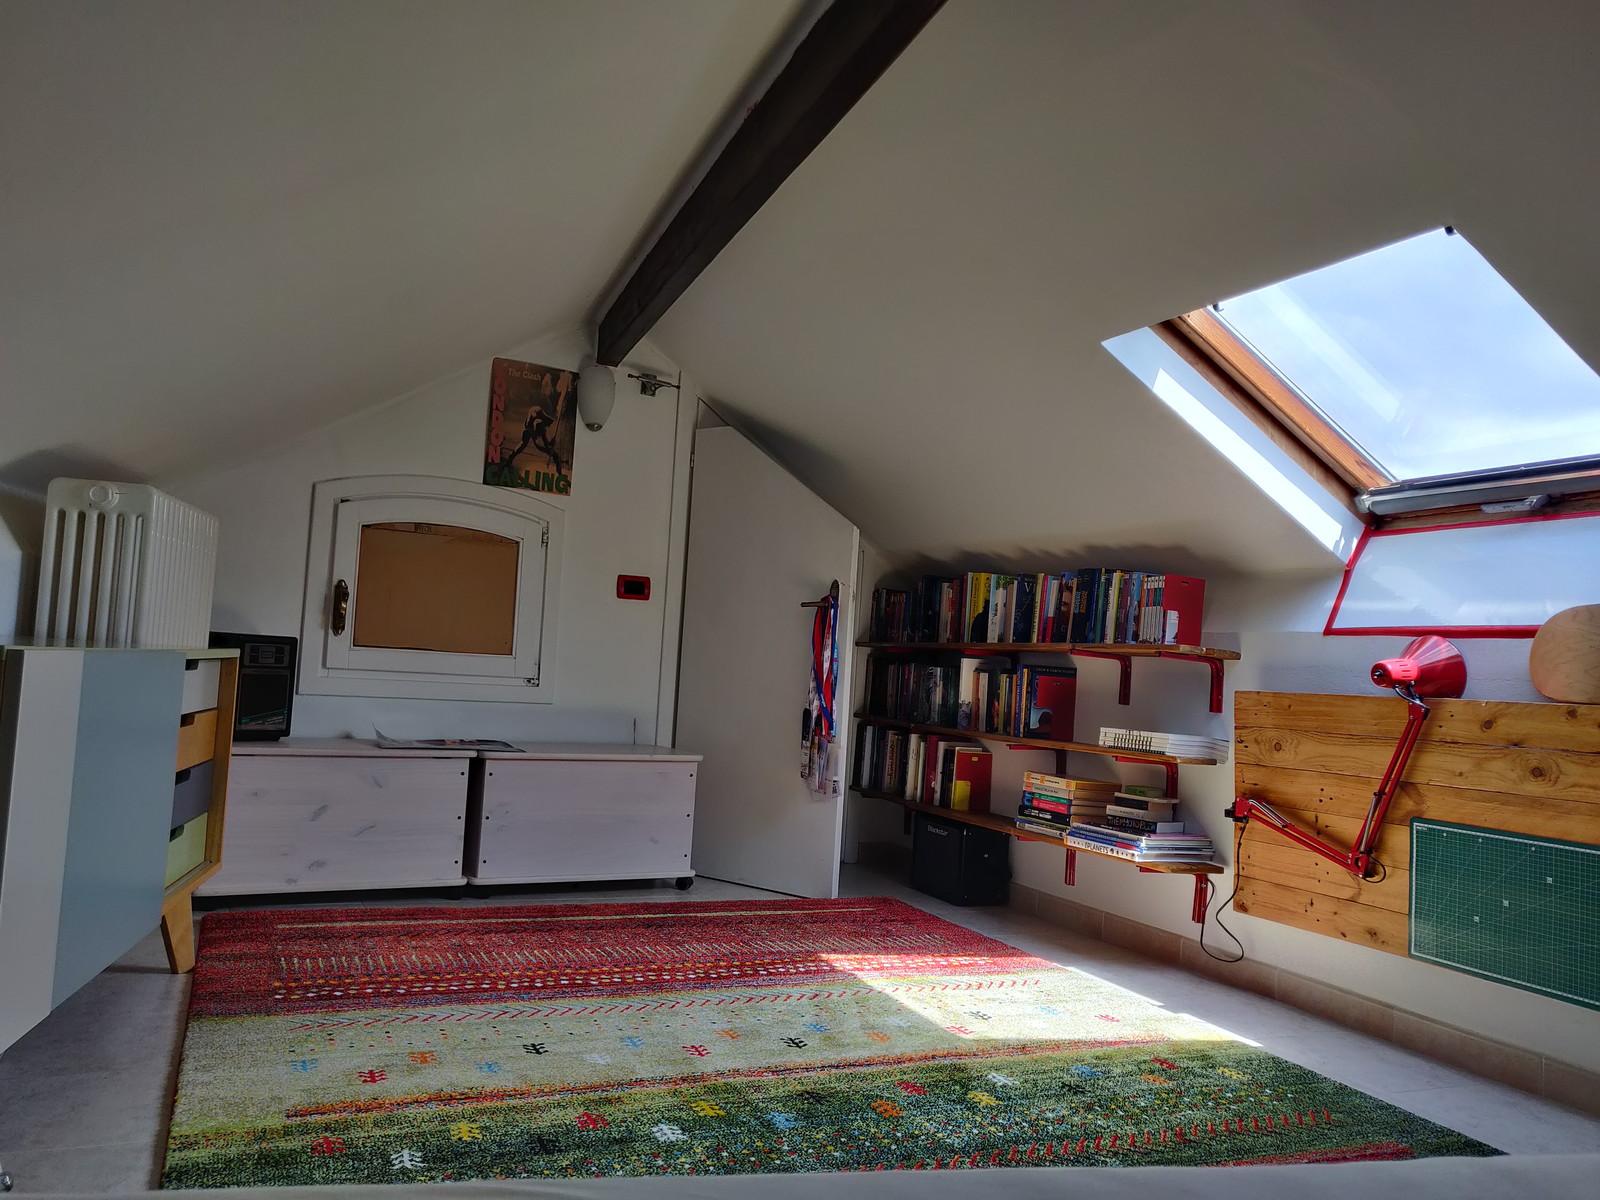 un'immagine della soffitta in una giornata di Sole